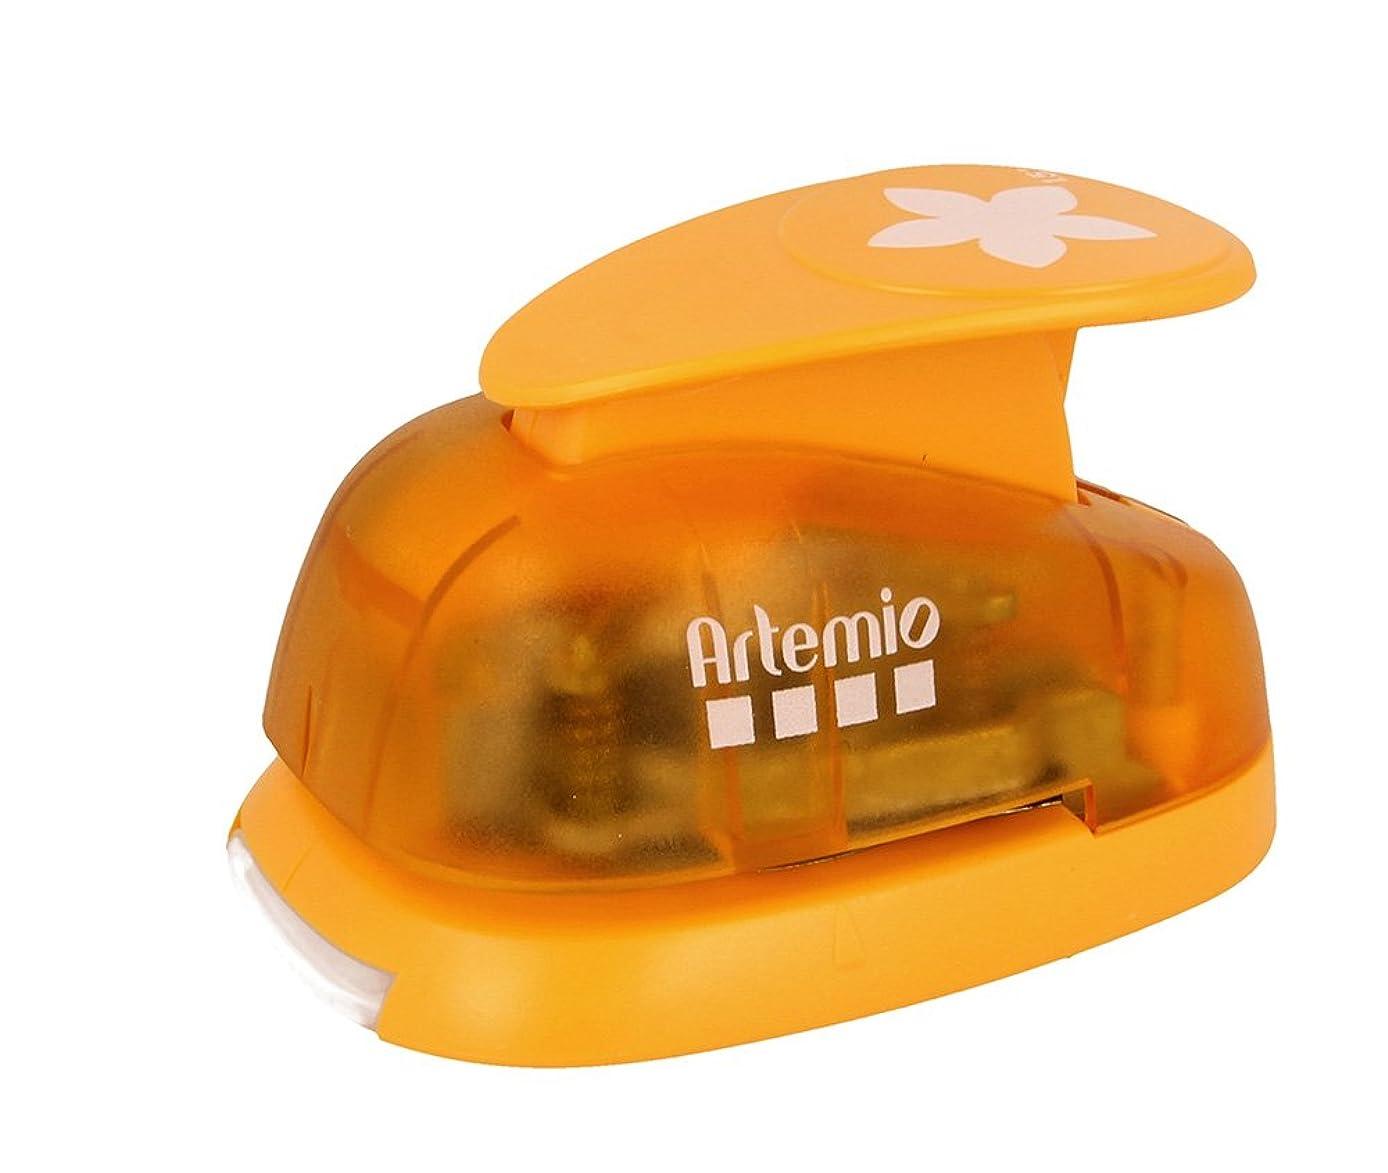 Artemio 3.5 cm Petals Lever Punch, Orange